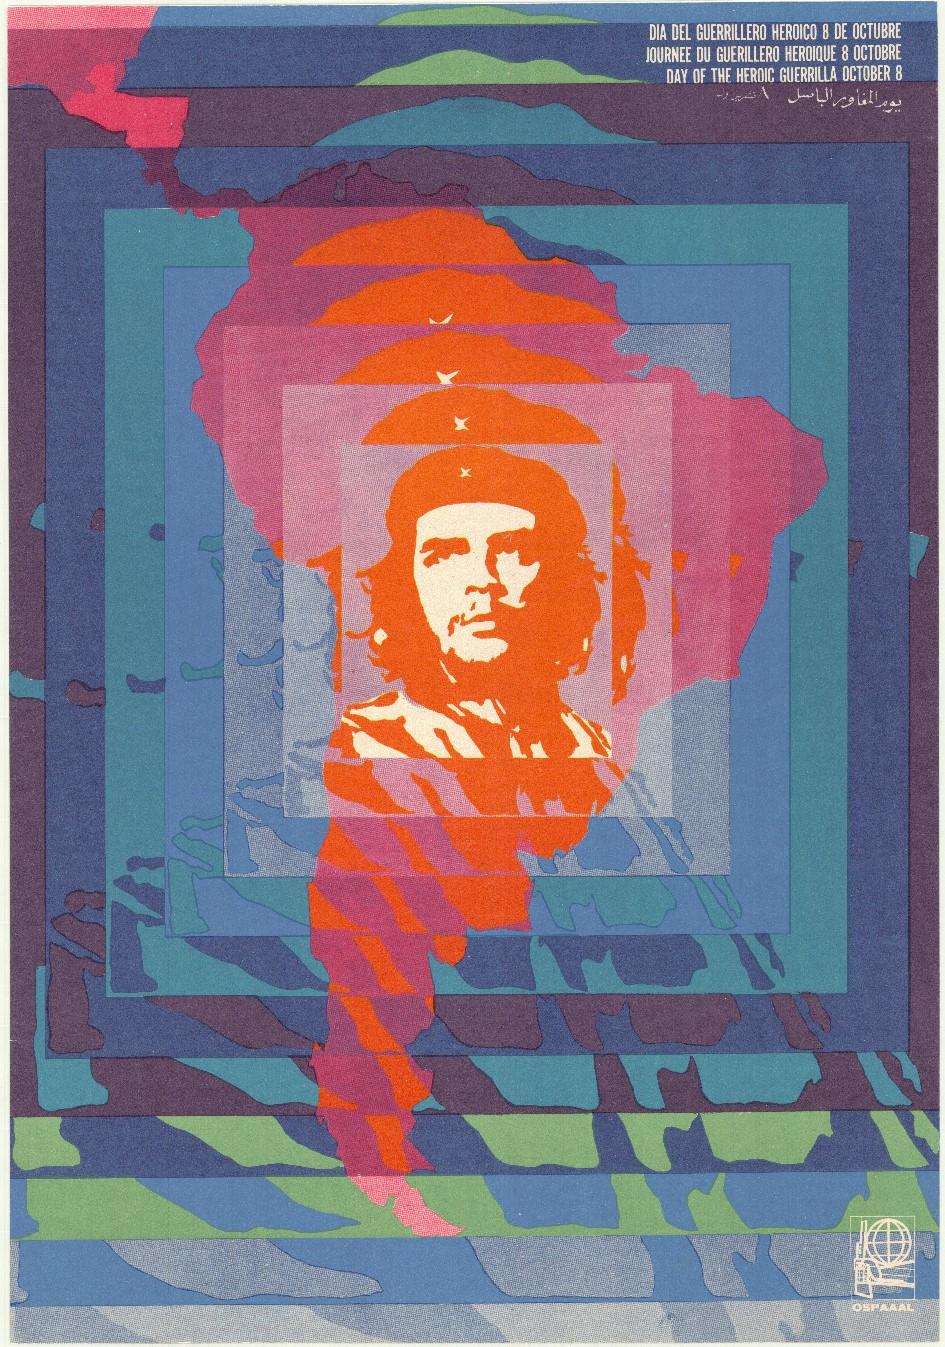 Rolando de Oraa Carratala, 26 de julio XV aniversario del asalto al Moncada (26e juli, XVe verjaardag van de aanval op Moncada), 1968. Collectie Stedelijk Museum Amsterdam